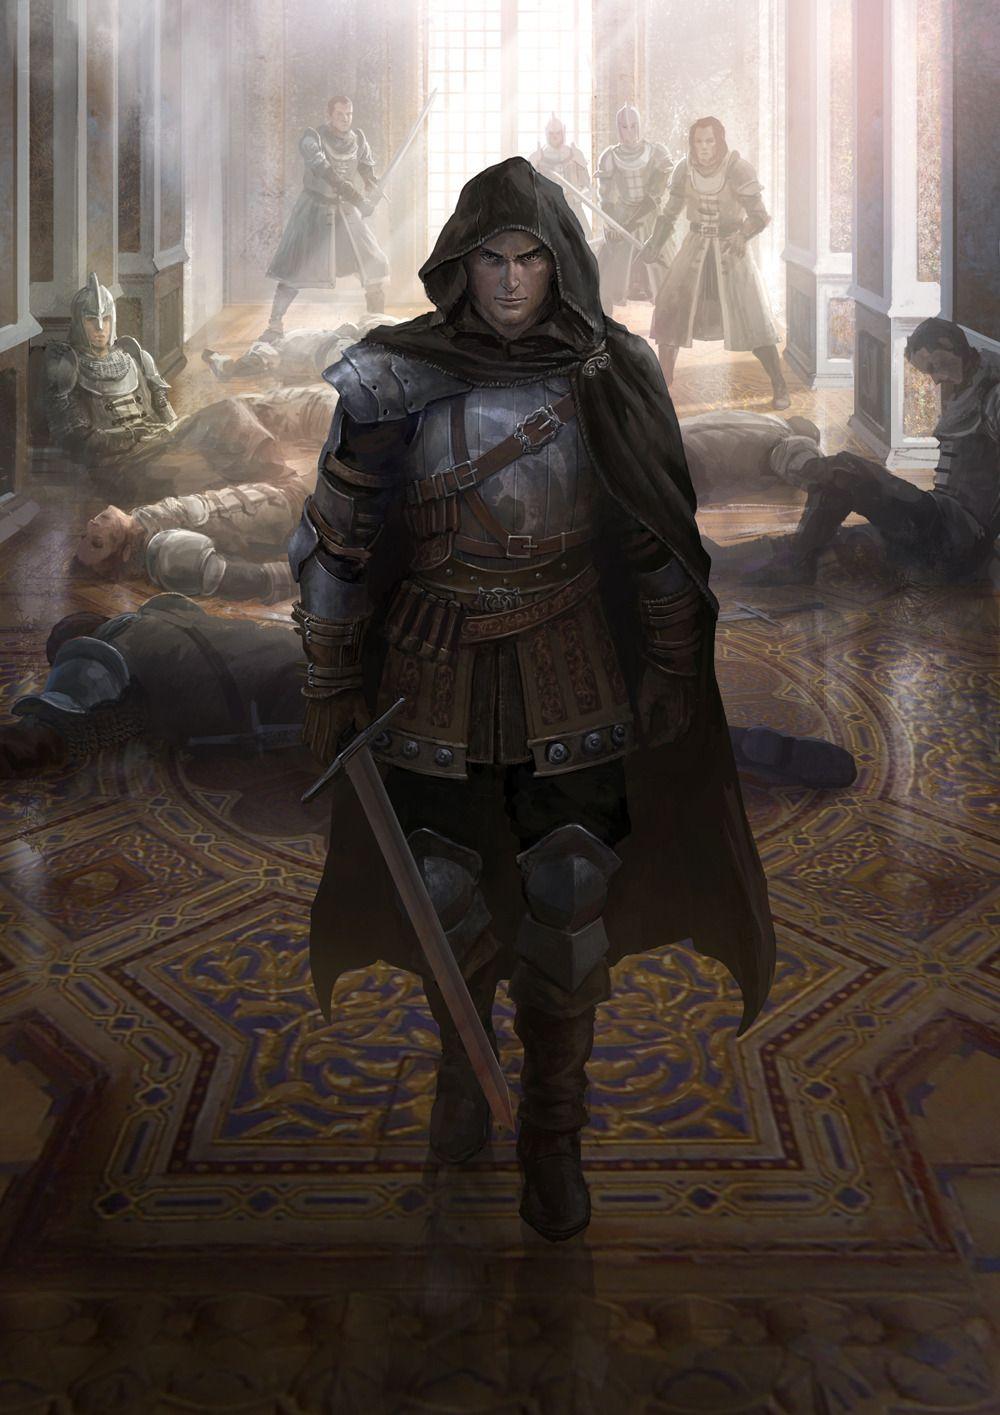 Medieval Bounty Hunter Fantasy Art